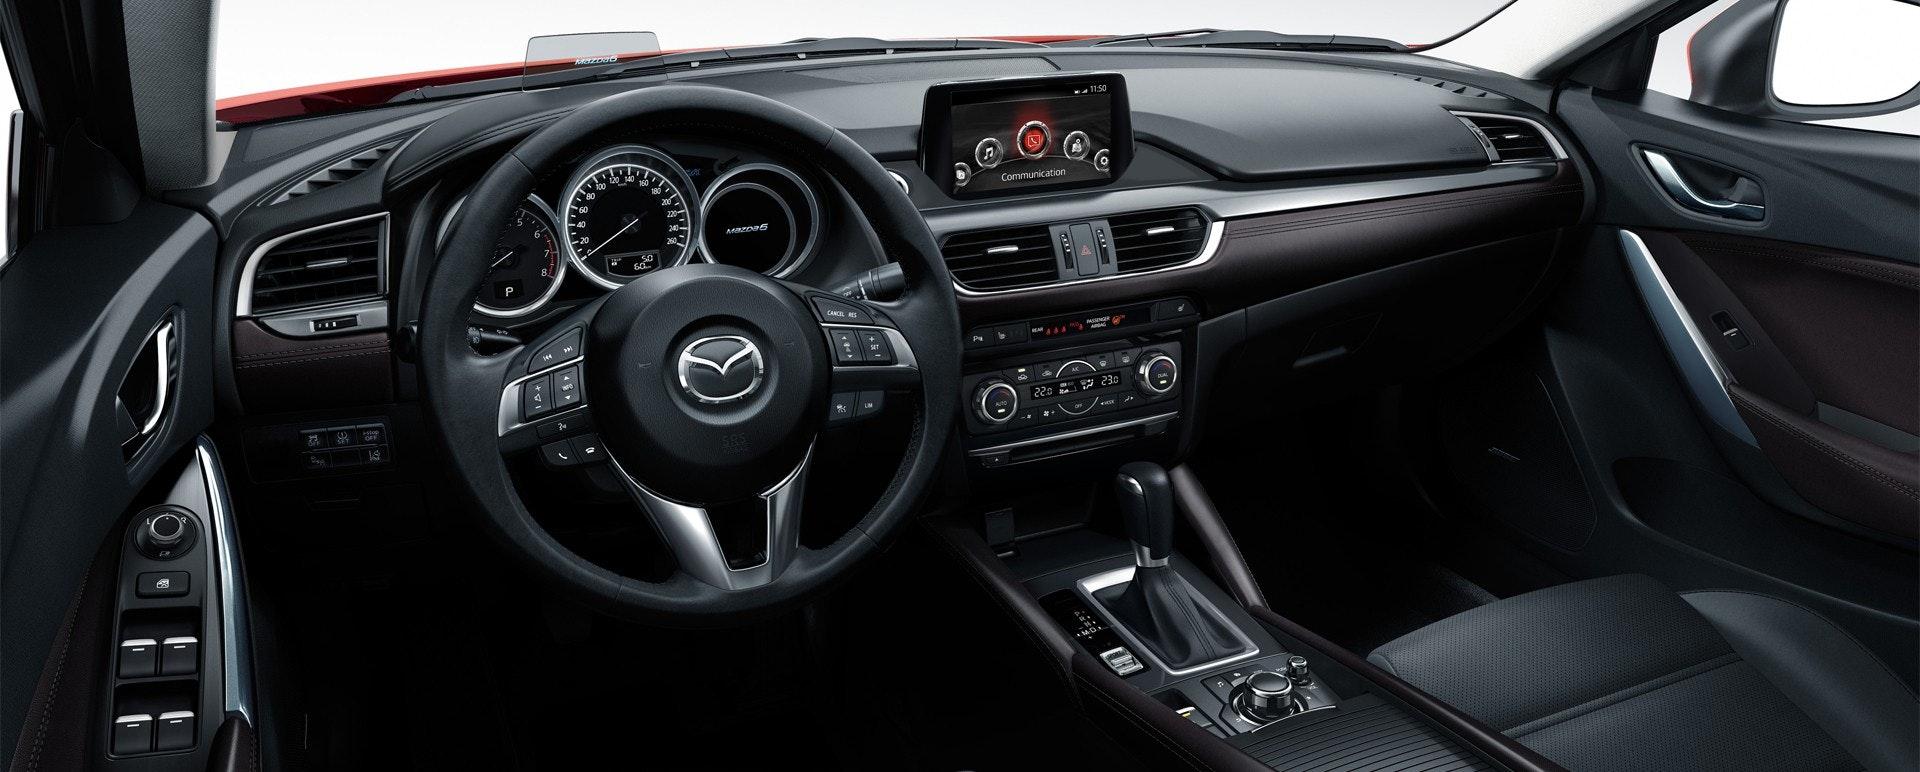 2015 mazda 6 facelift revealed carwow rh carwow co uk Review Mazda 6 Manual 2016 mazda 6 user manual